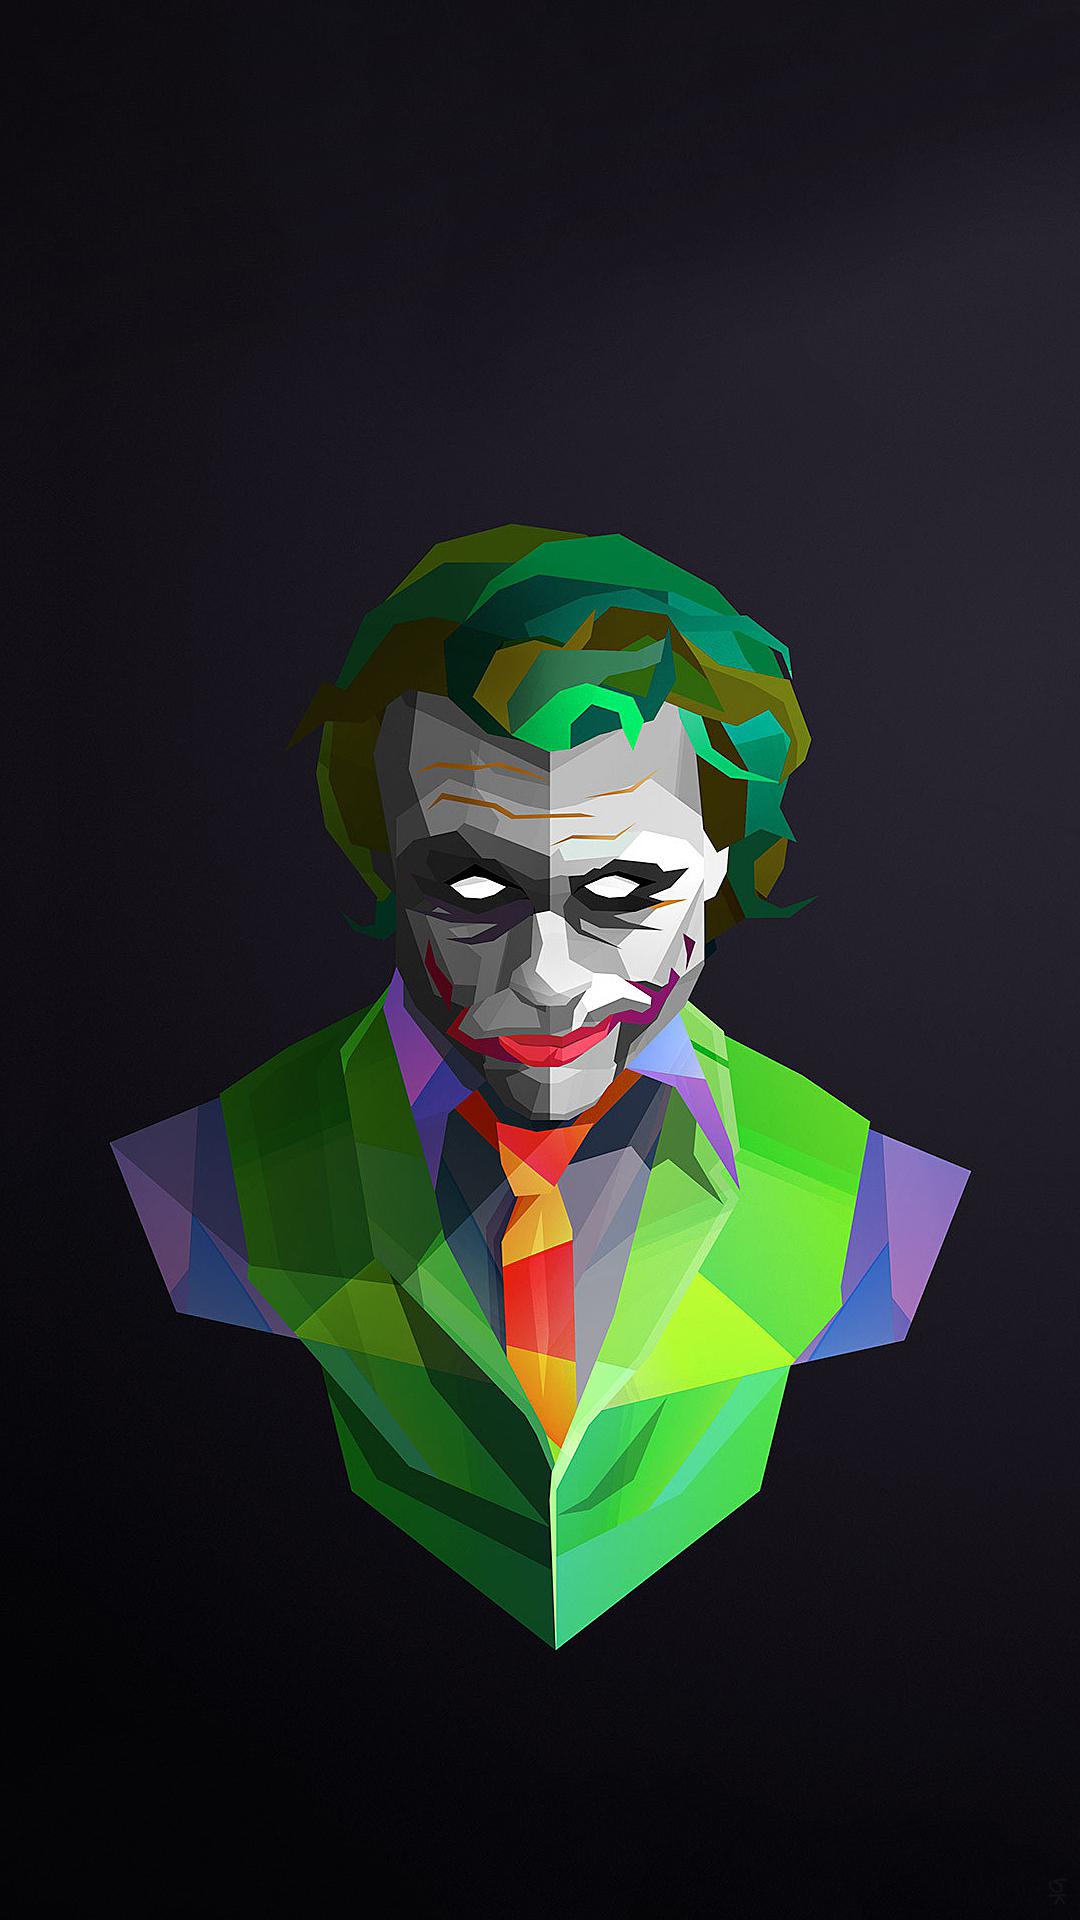 joker wallpaper   Google Search Cool Images Joker wallpapers 1080x1920